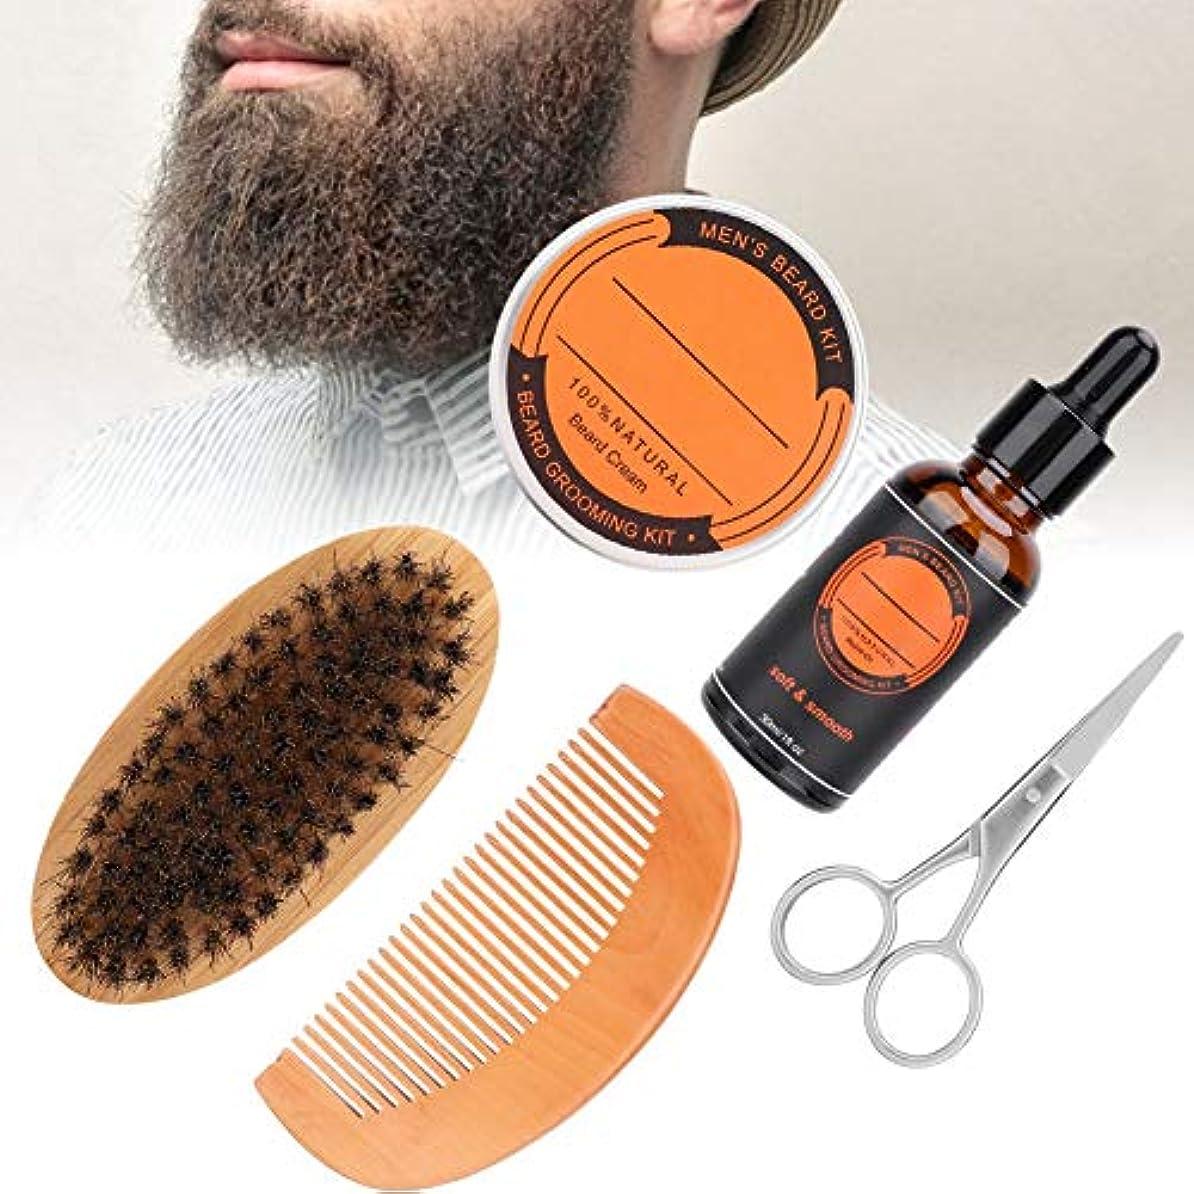 カップル割り当てます大惨事6本のひげの心配のセット、ひげの手入れをするキット、人のひげの心配のキット、人のひげの心配のキットとの最終的なひげの心配のキット香油+髭オイル+櫛+ブラシ+はさみ